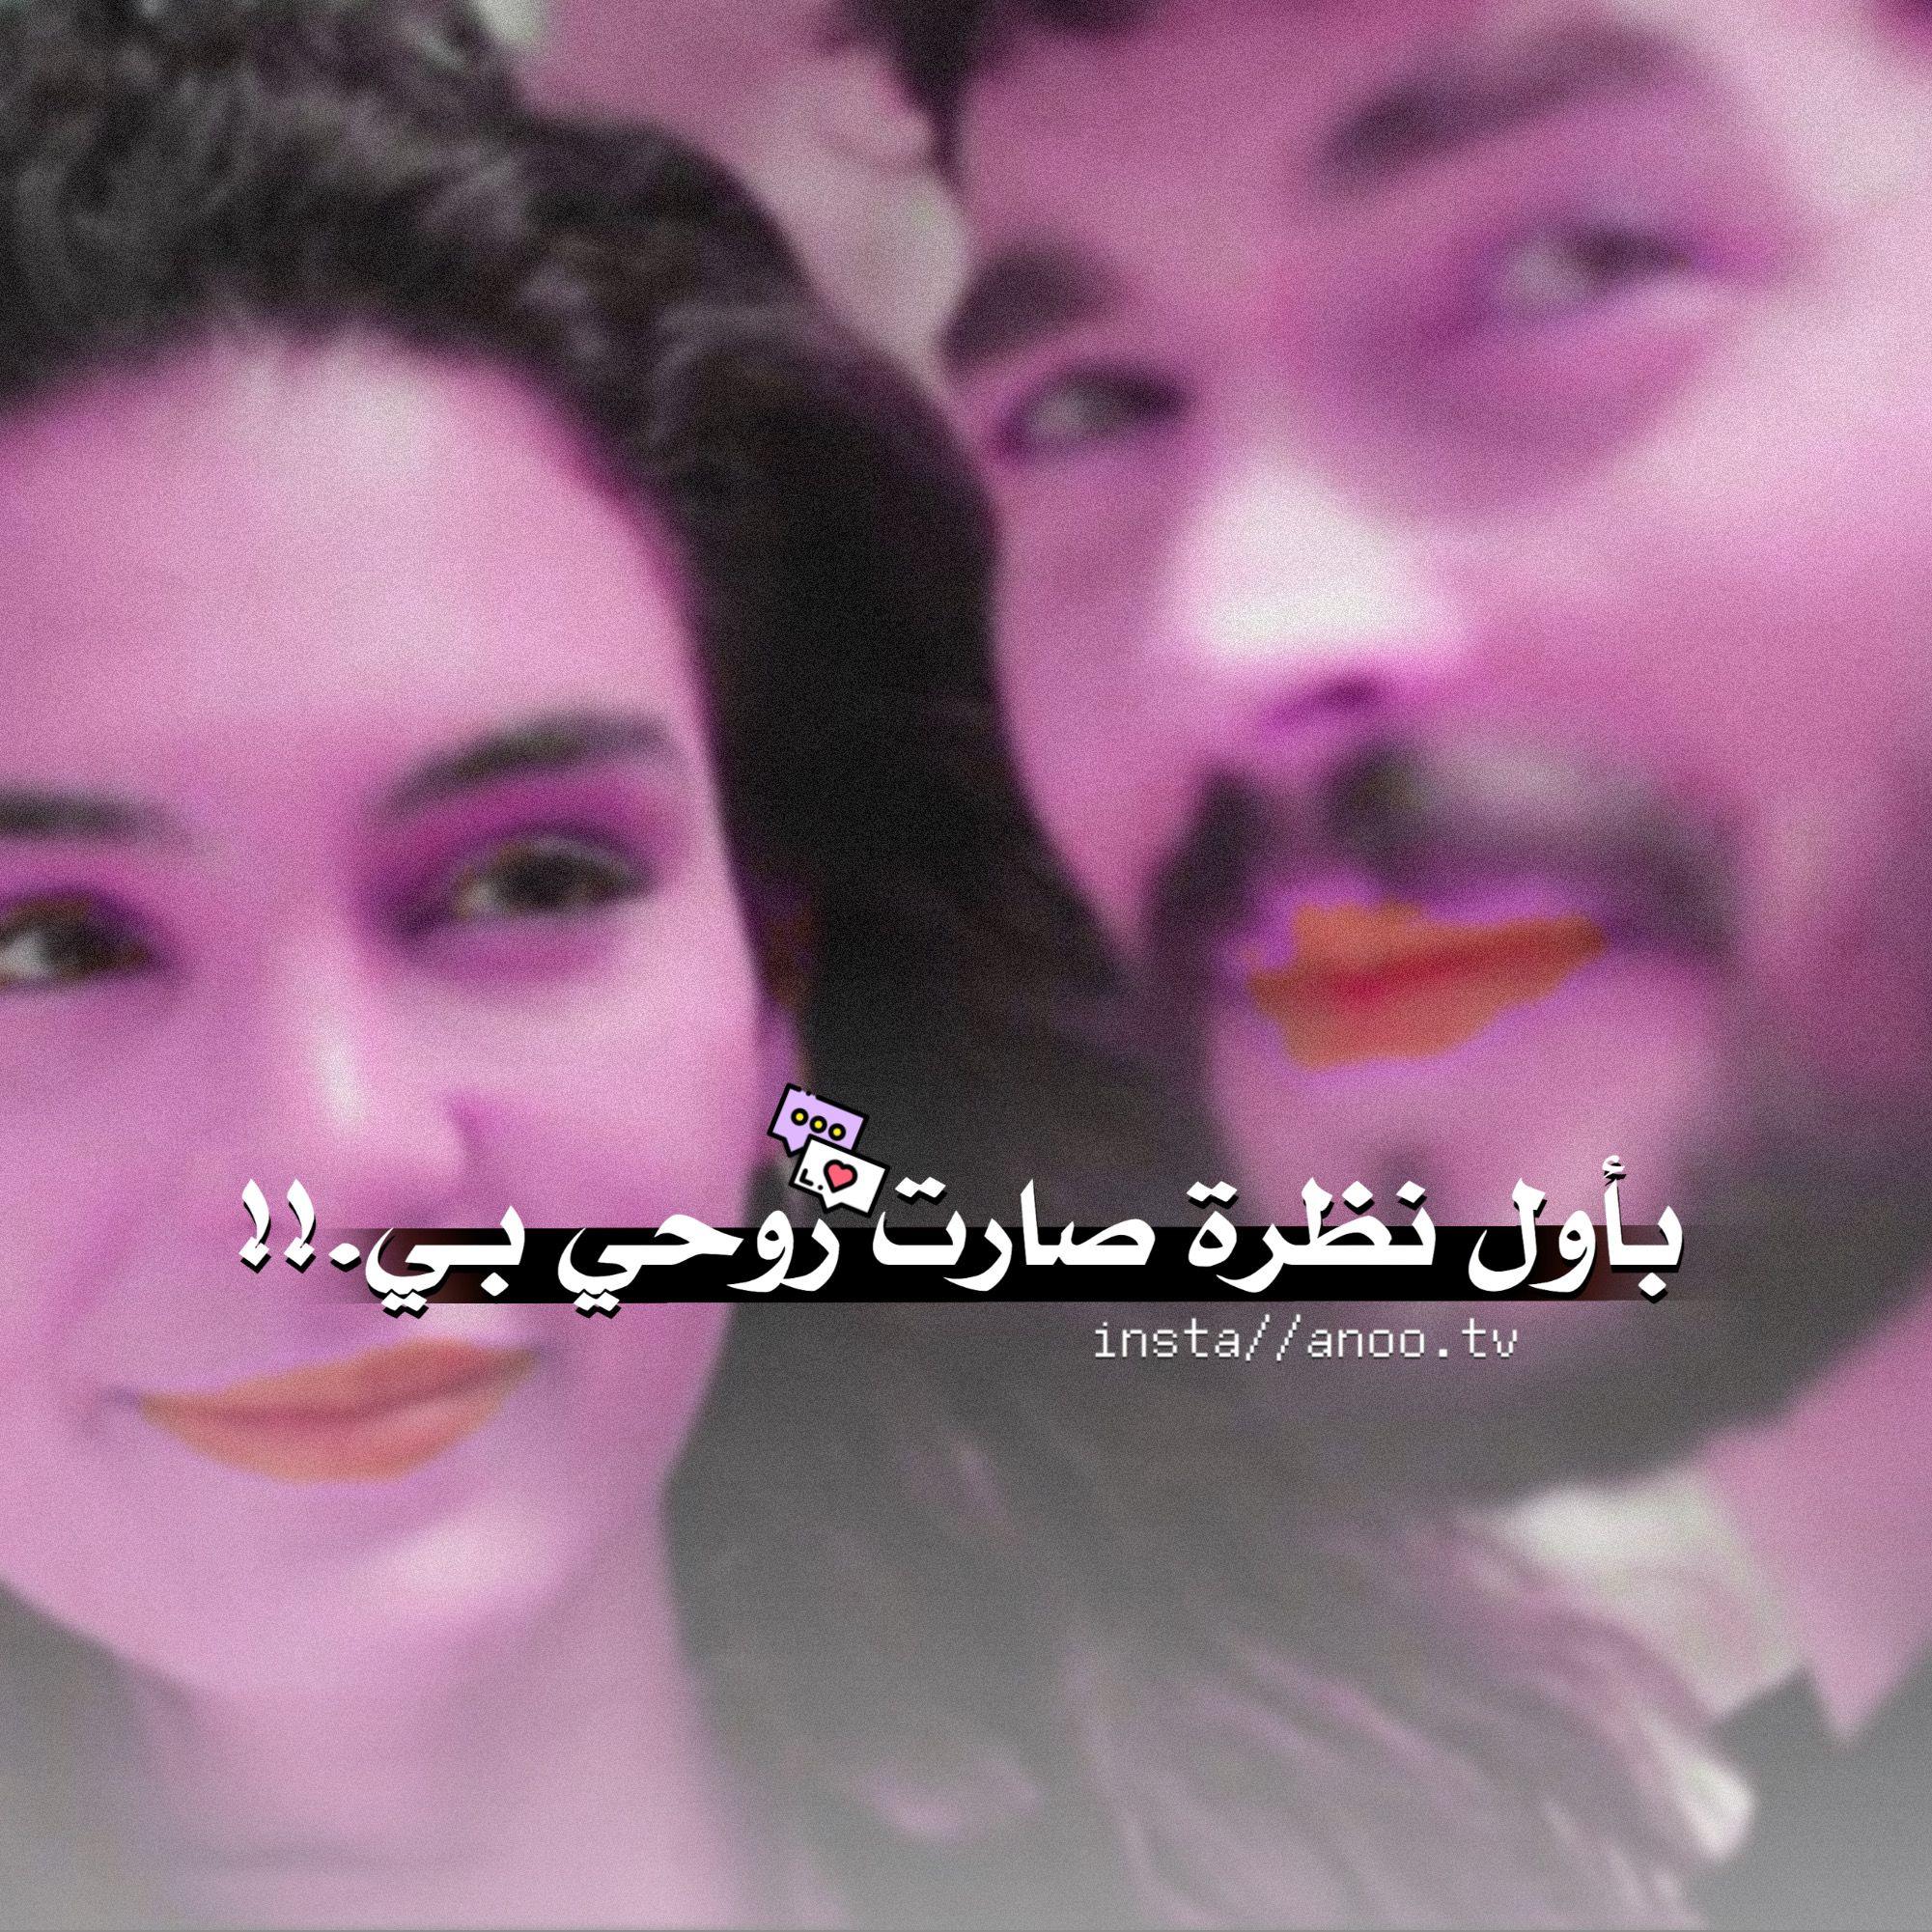 ضيفو حسابي ع الانستاanoo Tv Movie Quotes Funny Karbala Photography Funny Quotes